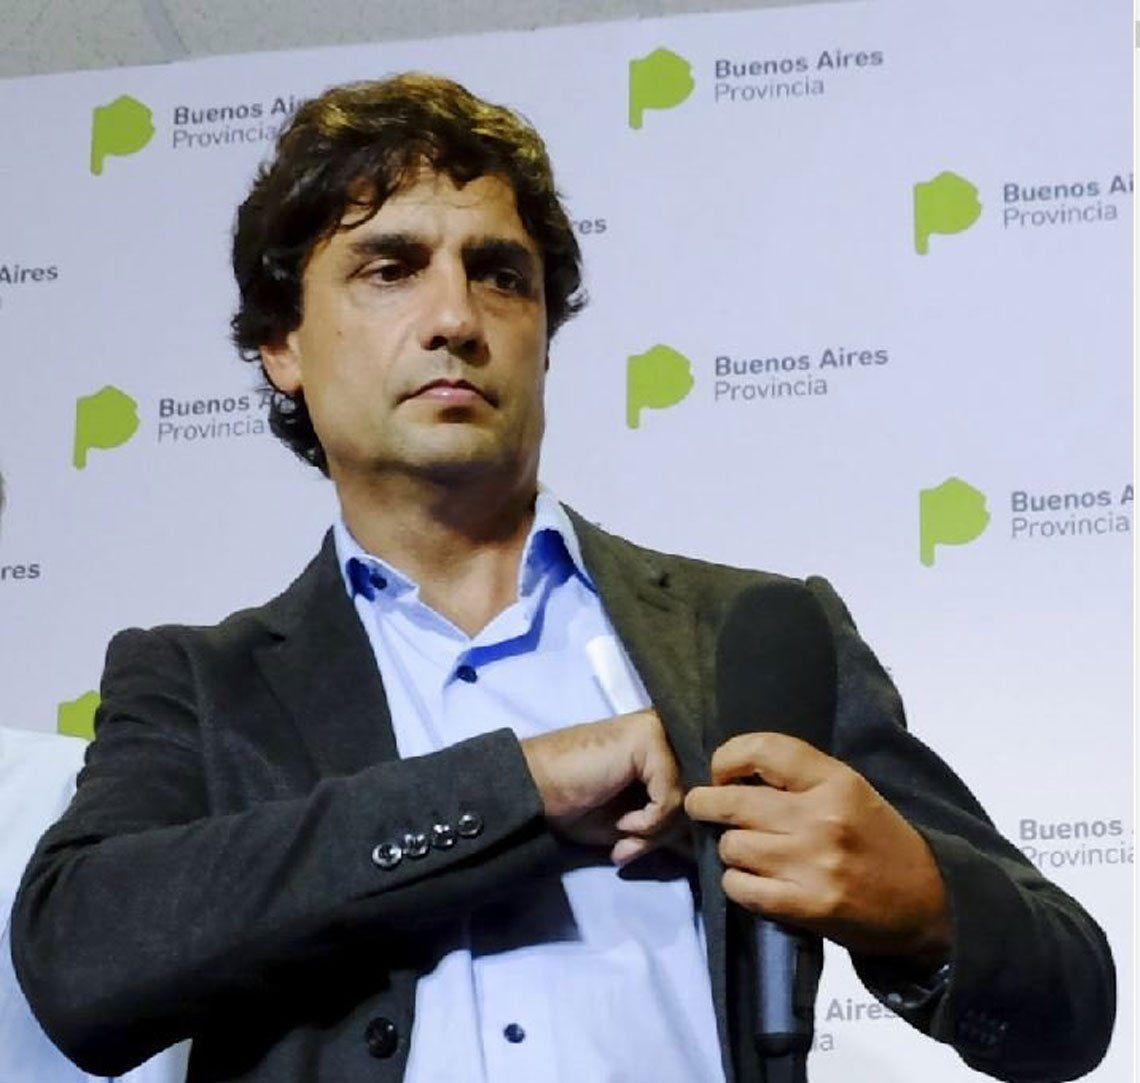 Hernán Lacunza: quién es el nuevo ministro de Hacienda elegido por Macri